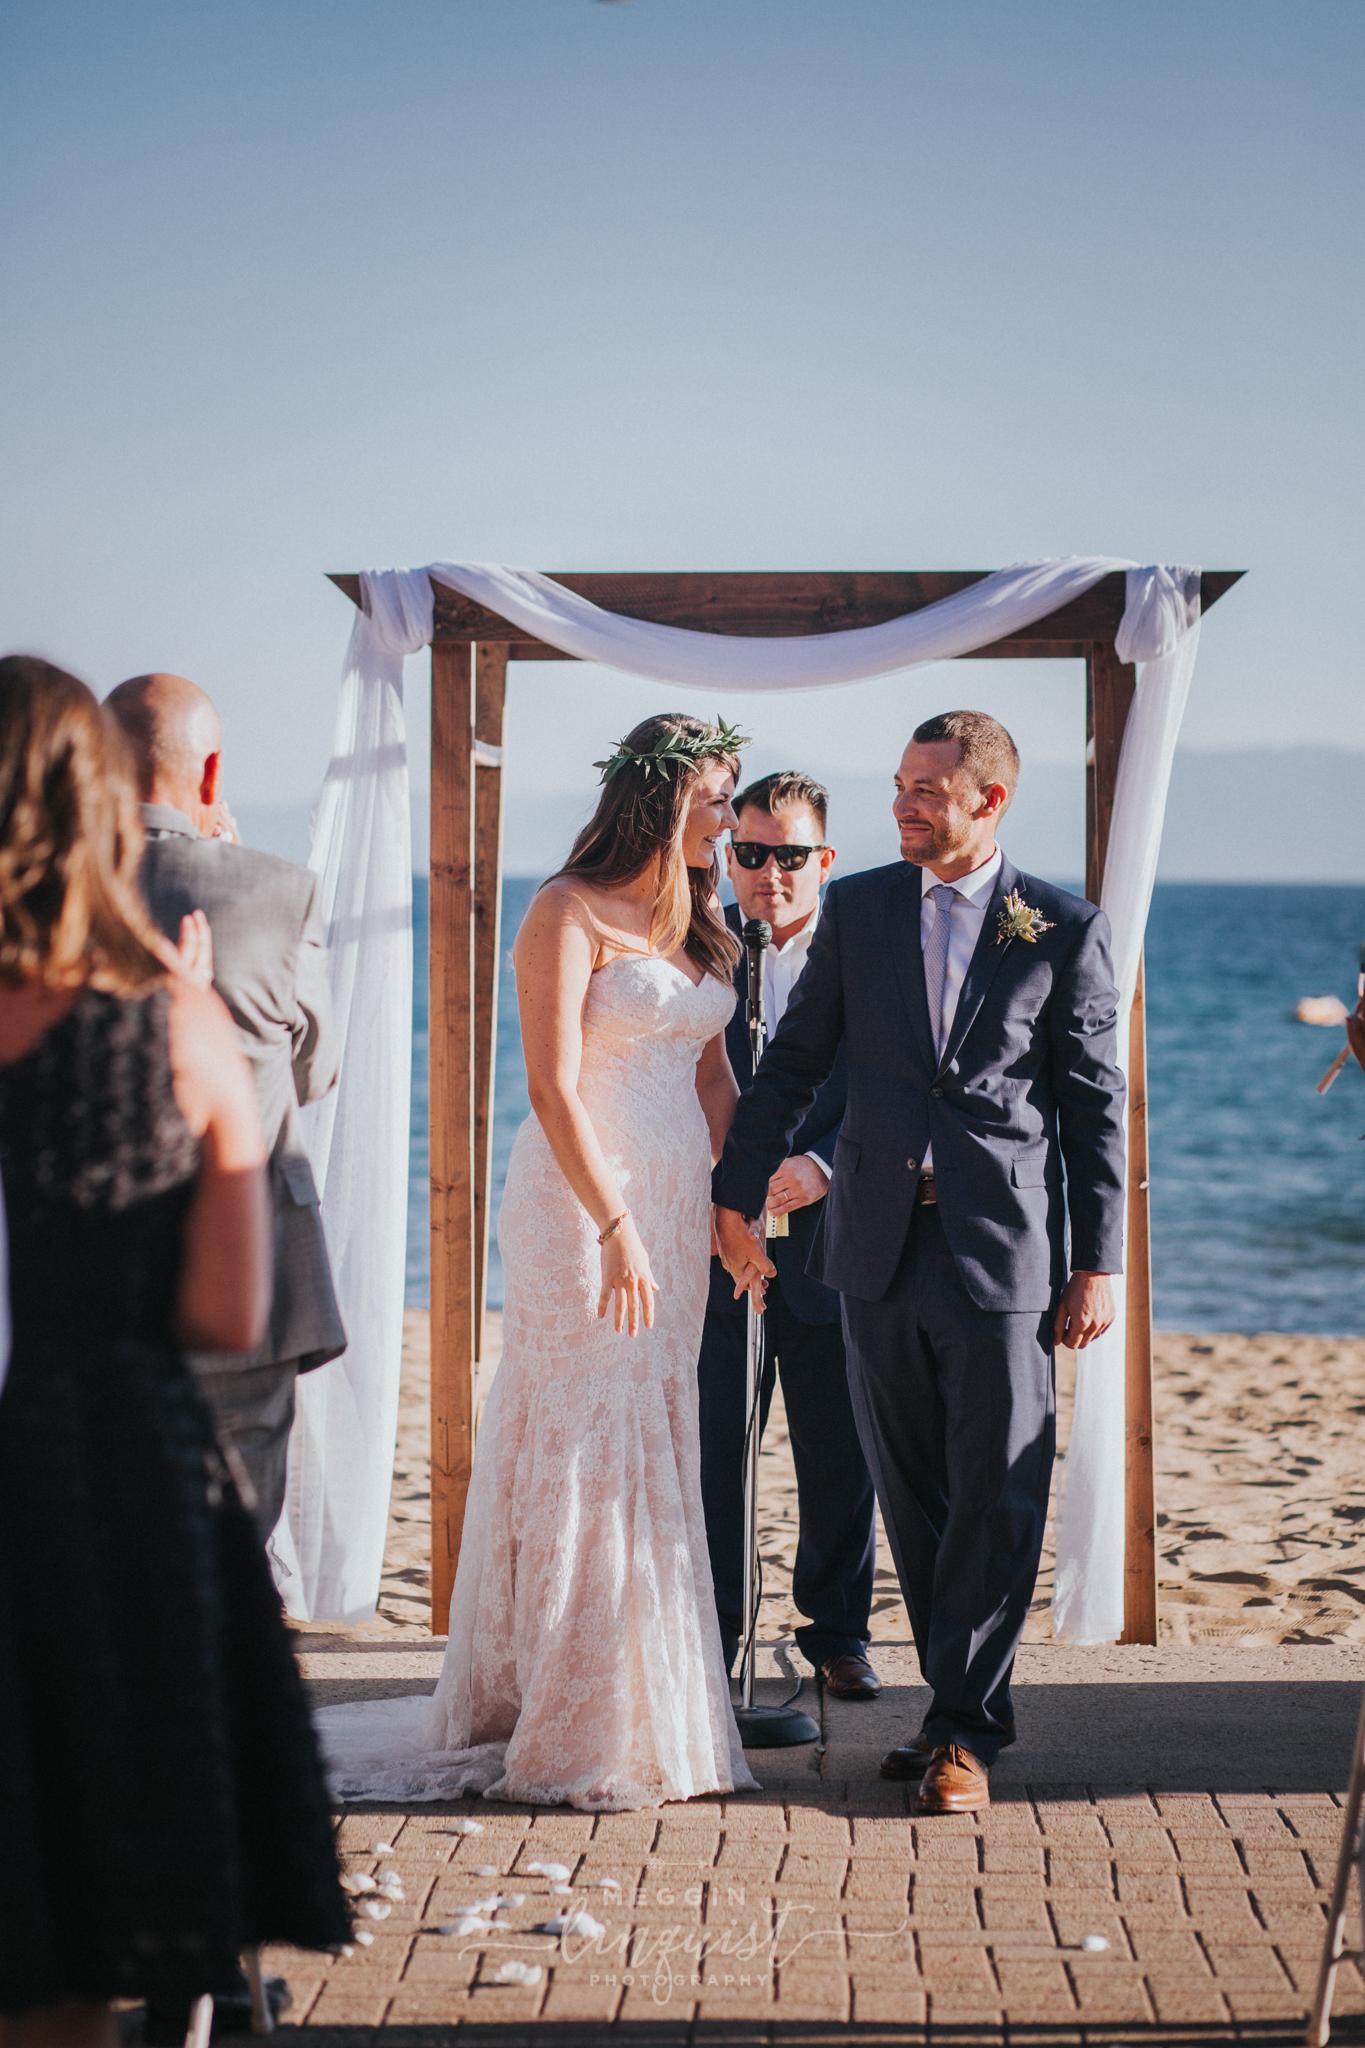 bohemian-style-lake-wedding-reno-lake-tahoe-wedding-photographer-23.jpg